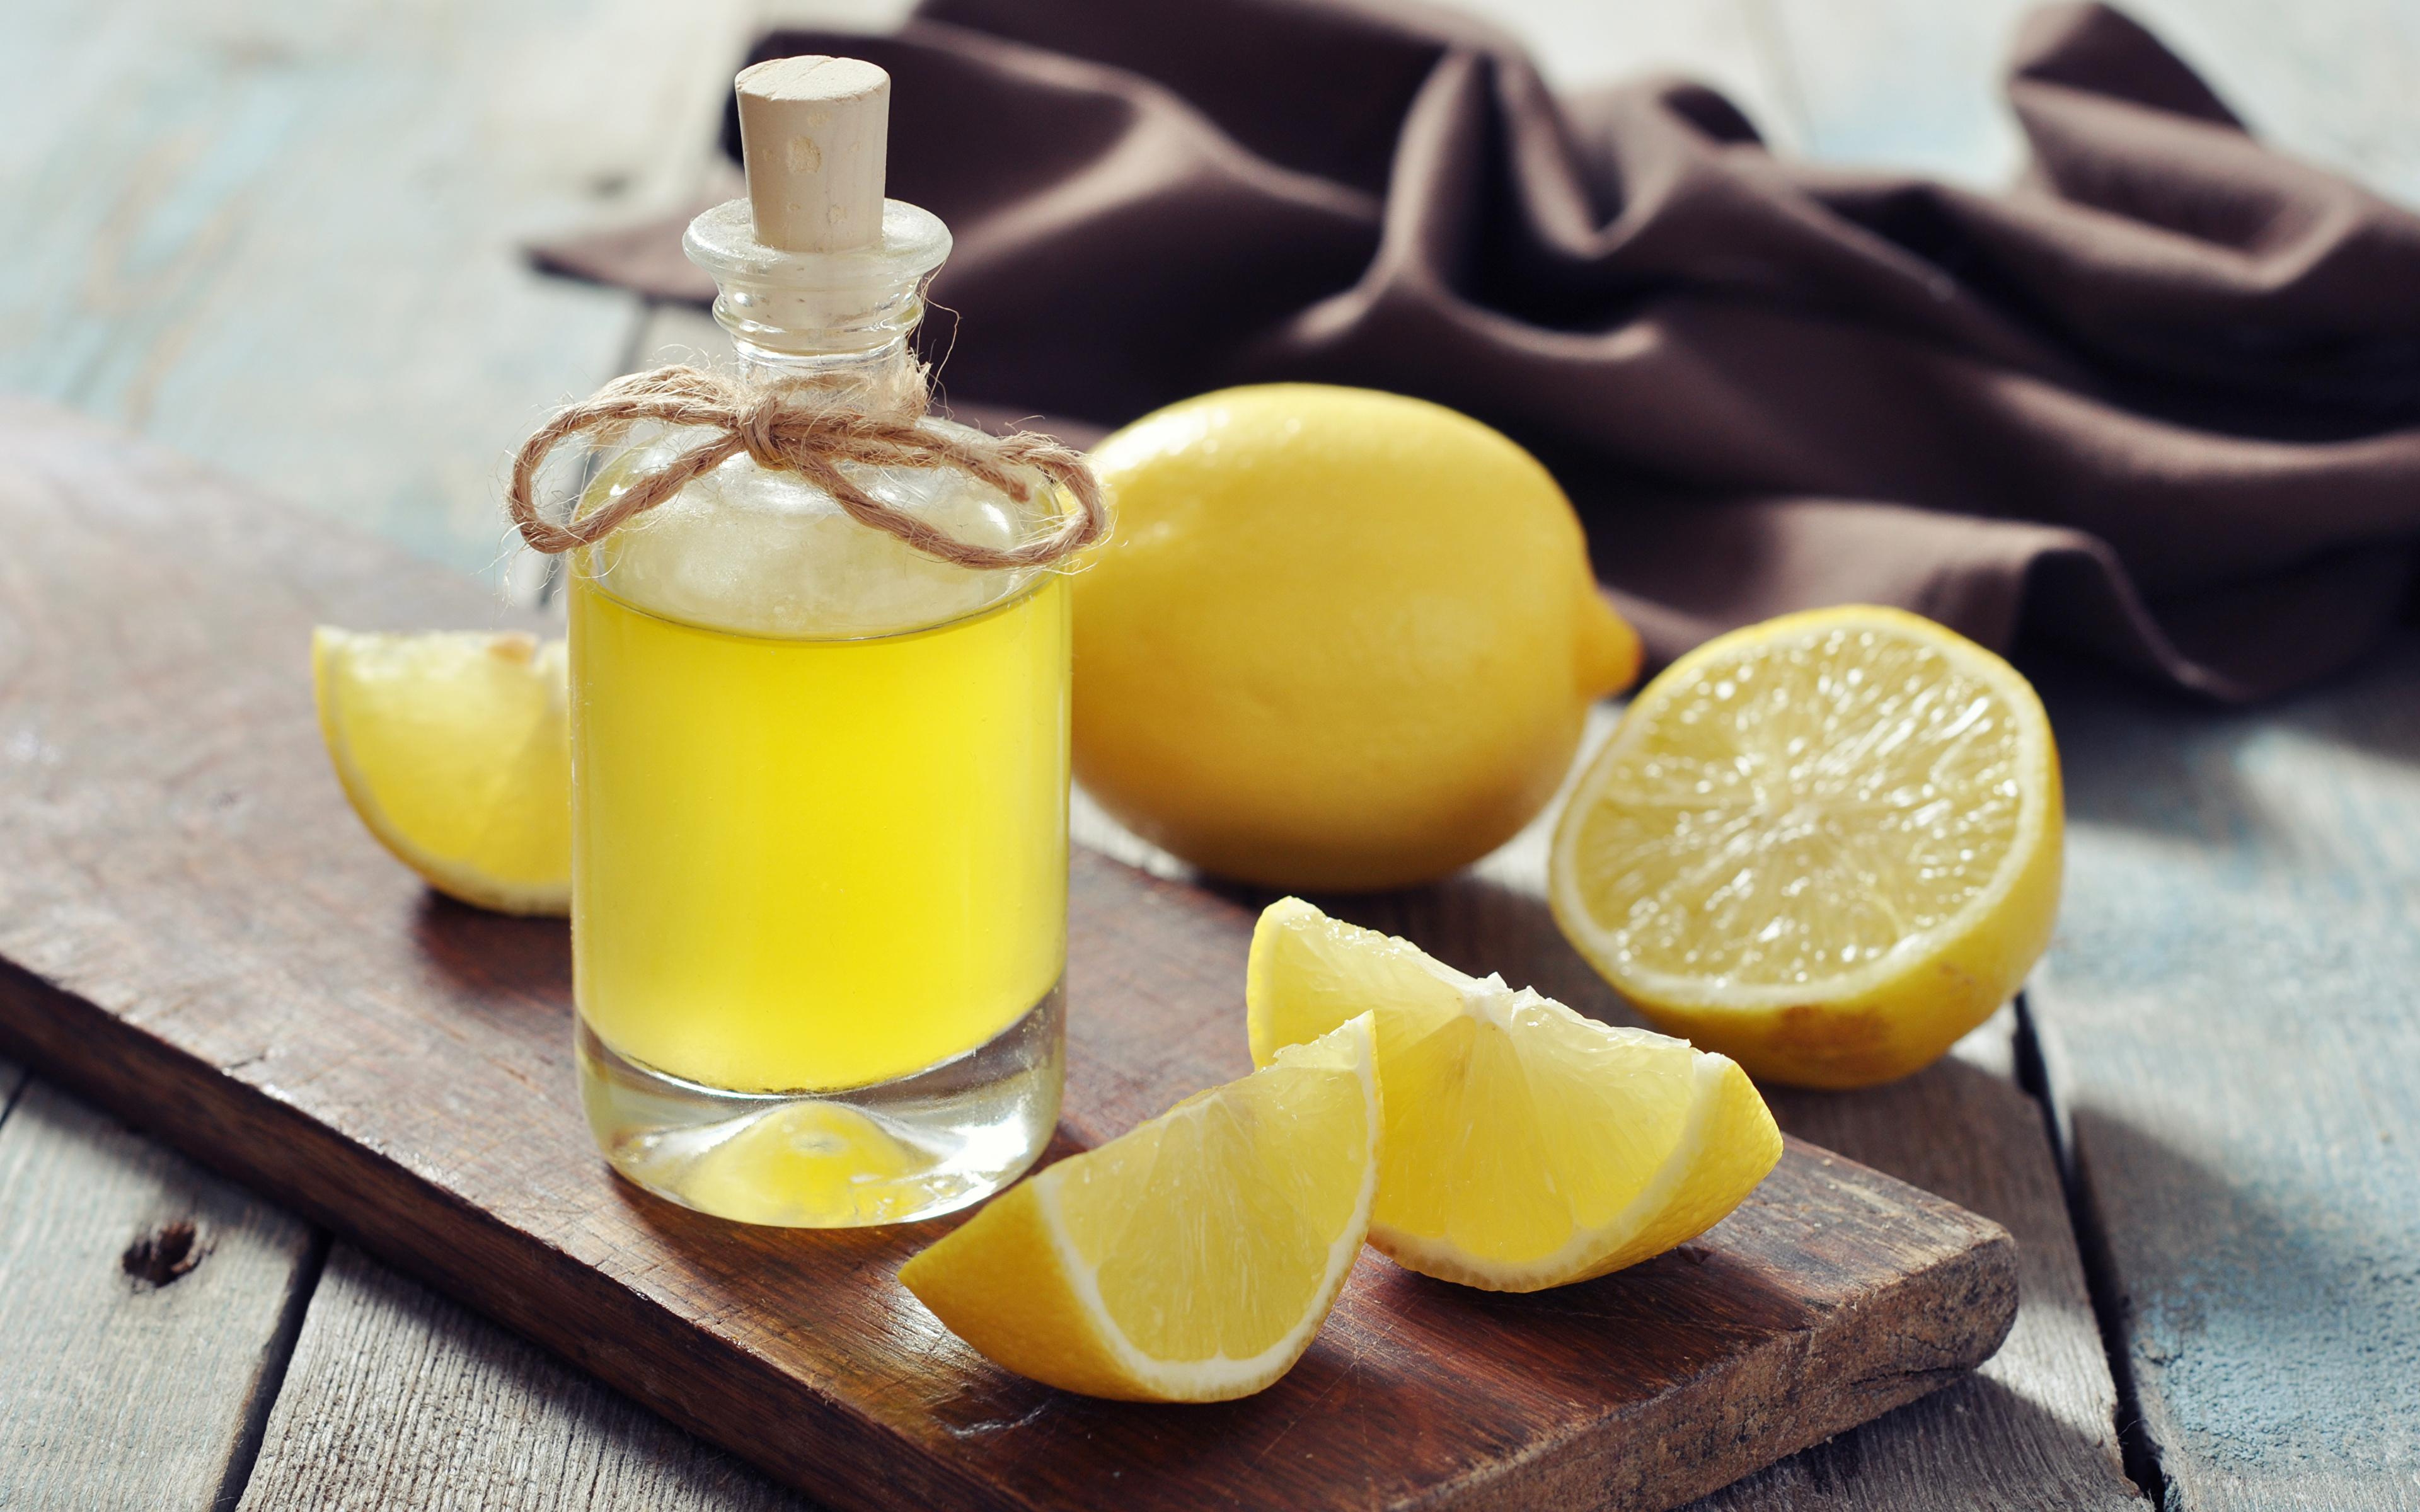 Картинки Сок Лимоны Бутылка Продукты питания Крупным планом Напитки 3840x2400 Еда Пища бутылки вблизи напиток